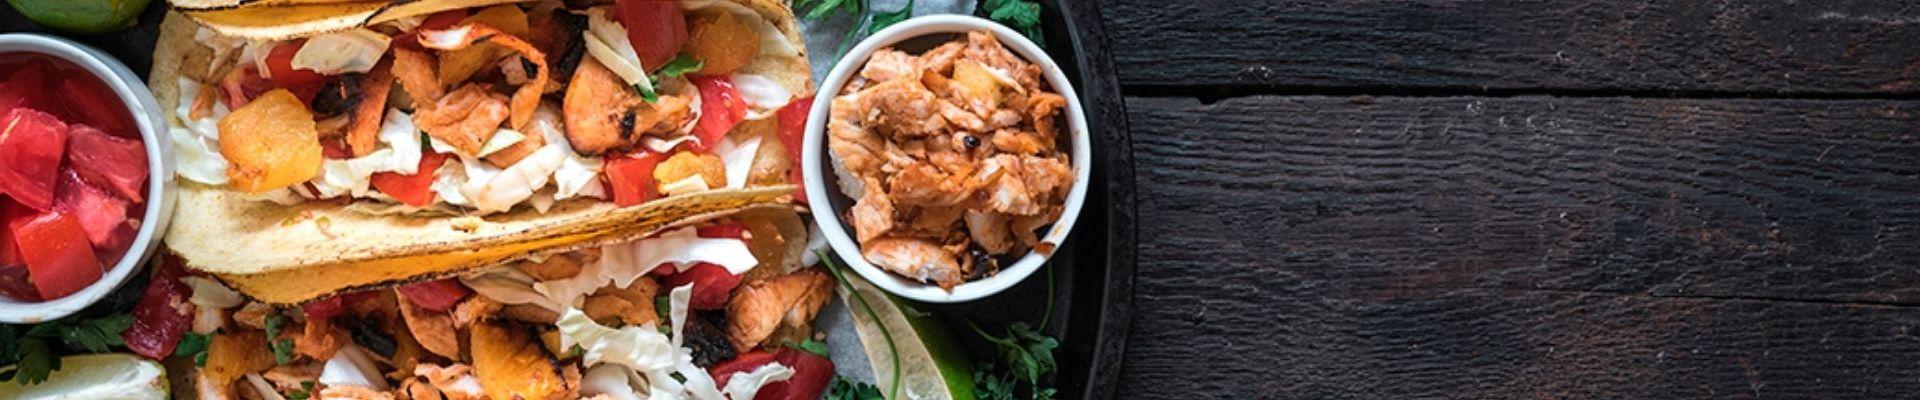 Los mejores restaurantes de comida mexicana a domicilio en Lavapies